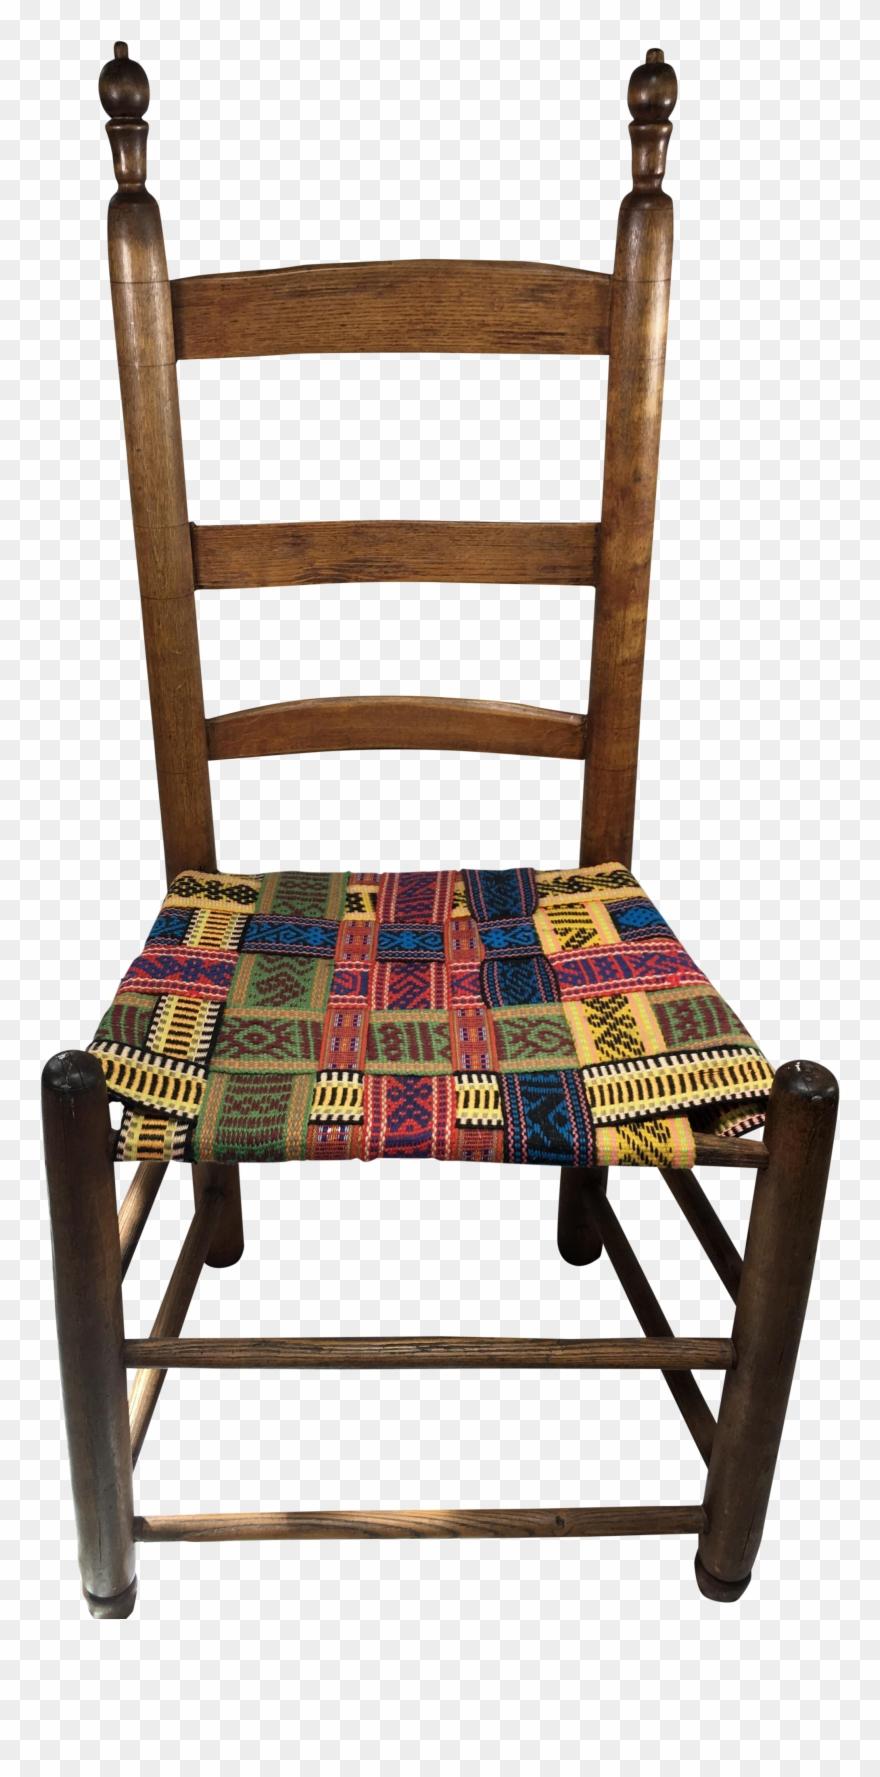 chair # 5090209